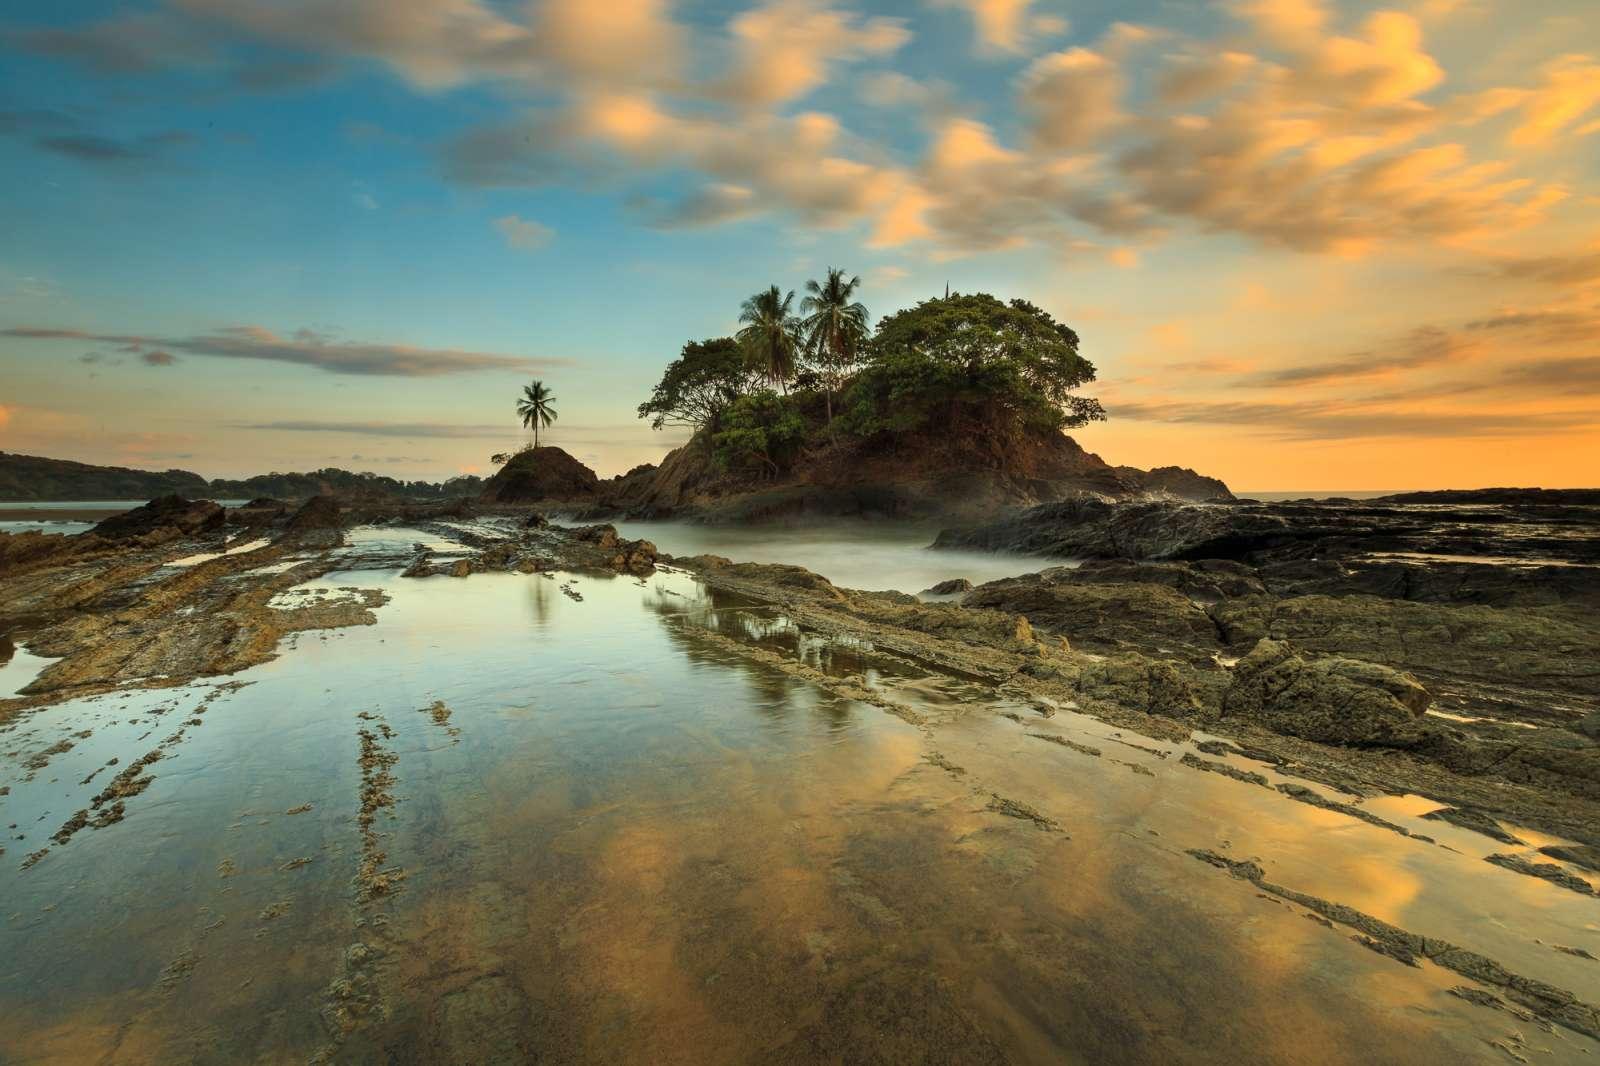 Una semana fotografiando Costa Rica 54